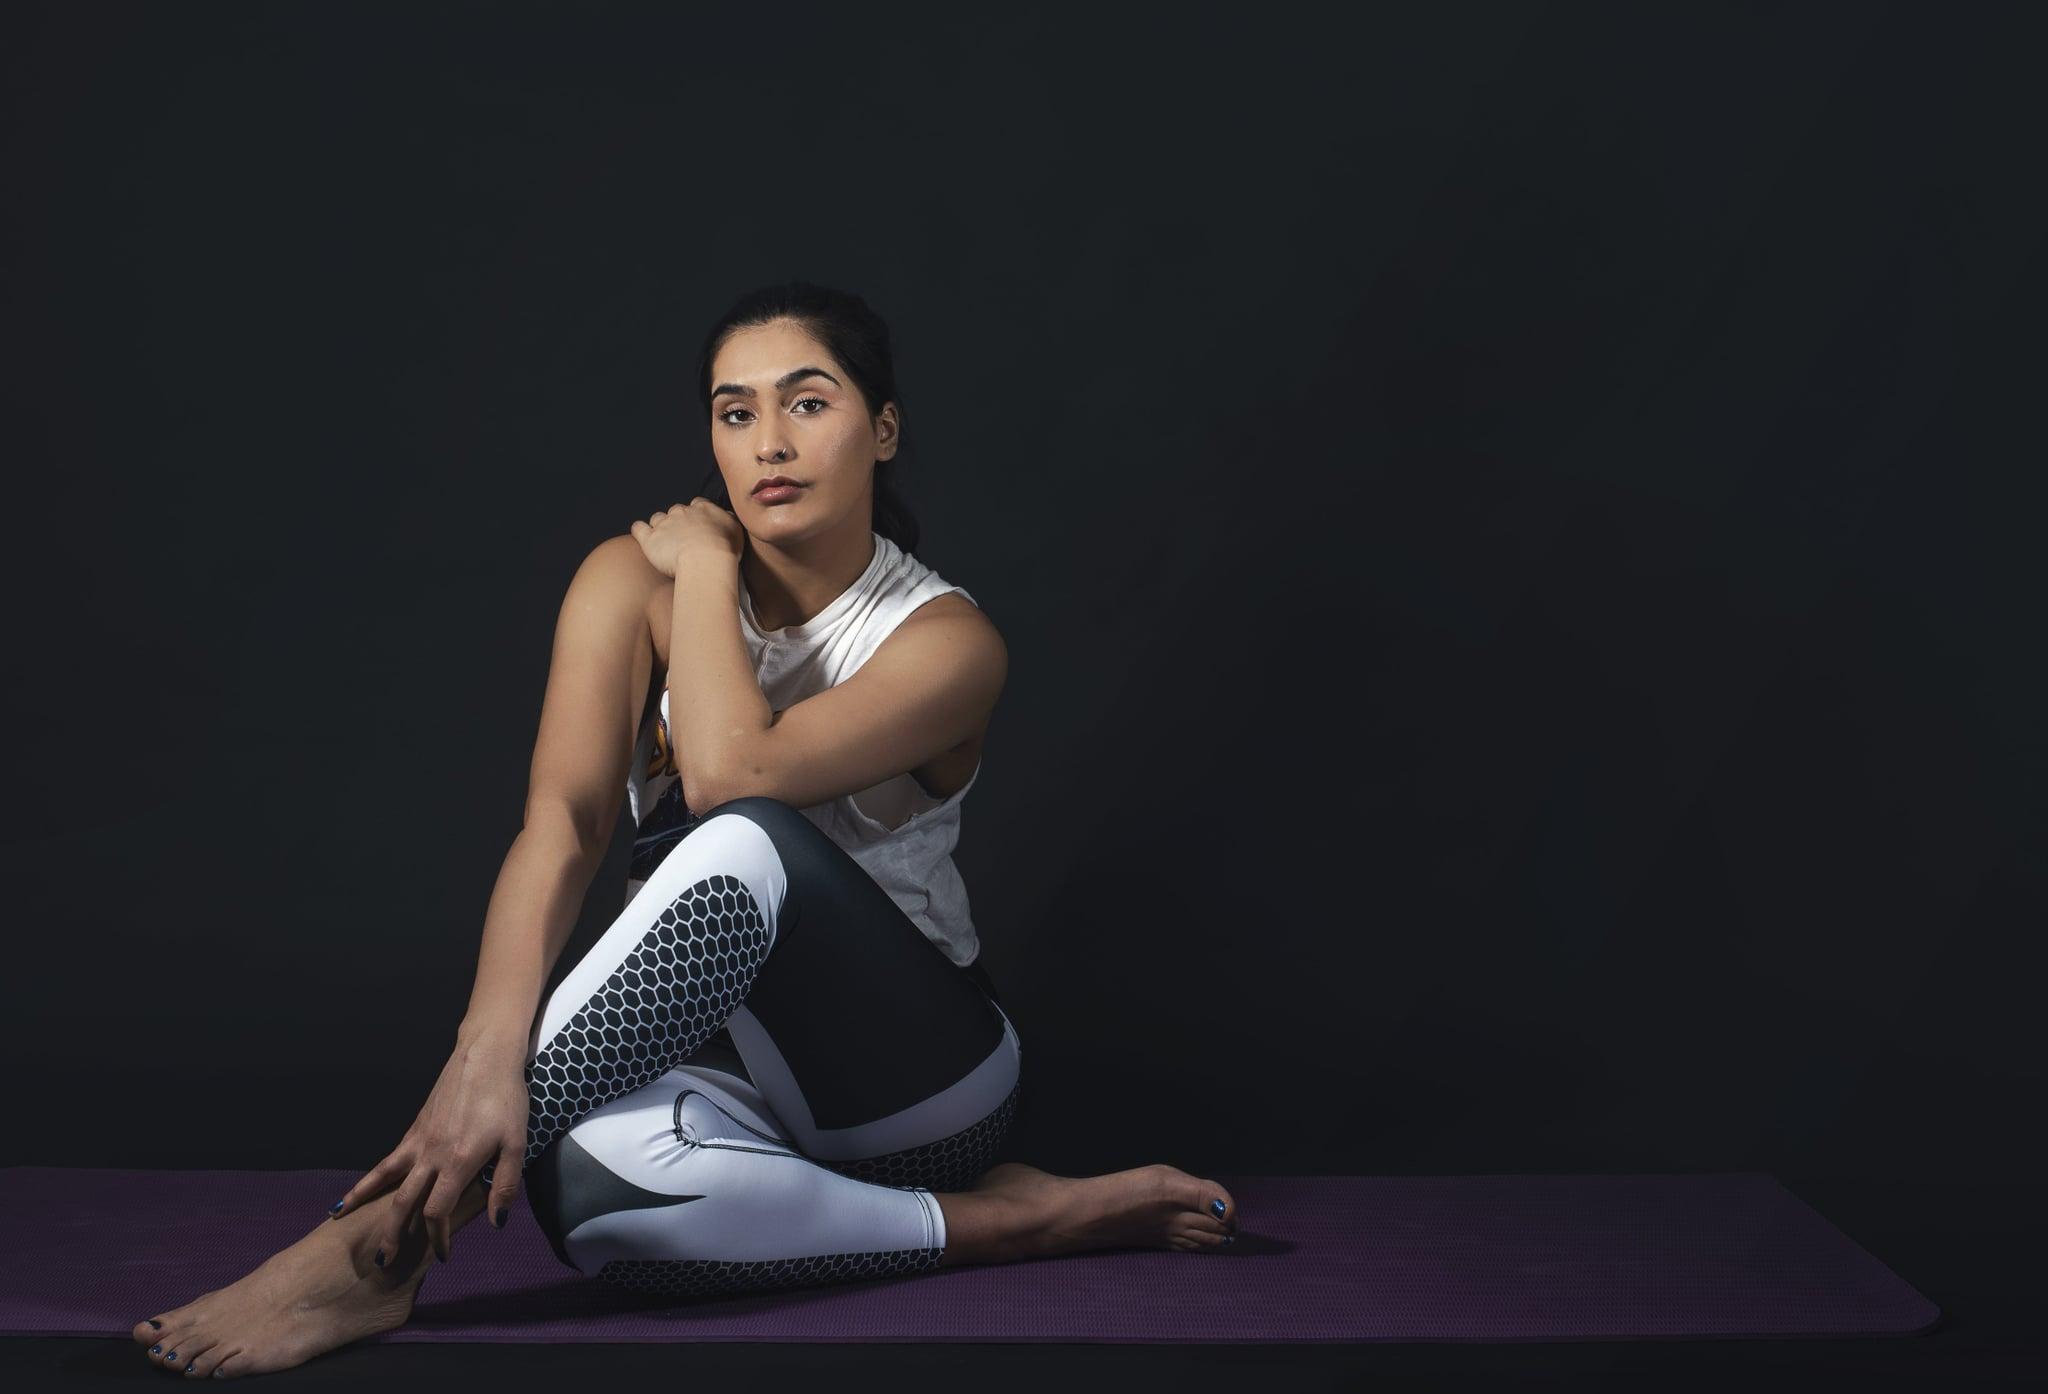 tmp_0VL2hW_924713eef6c3fb8d_woman-sits-in-yoga-pose.jpg